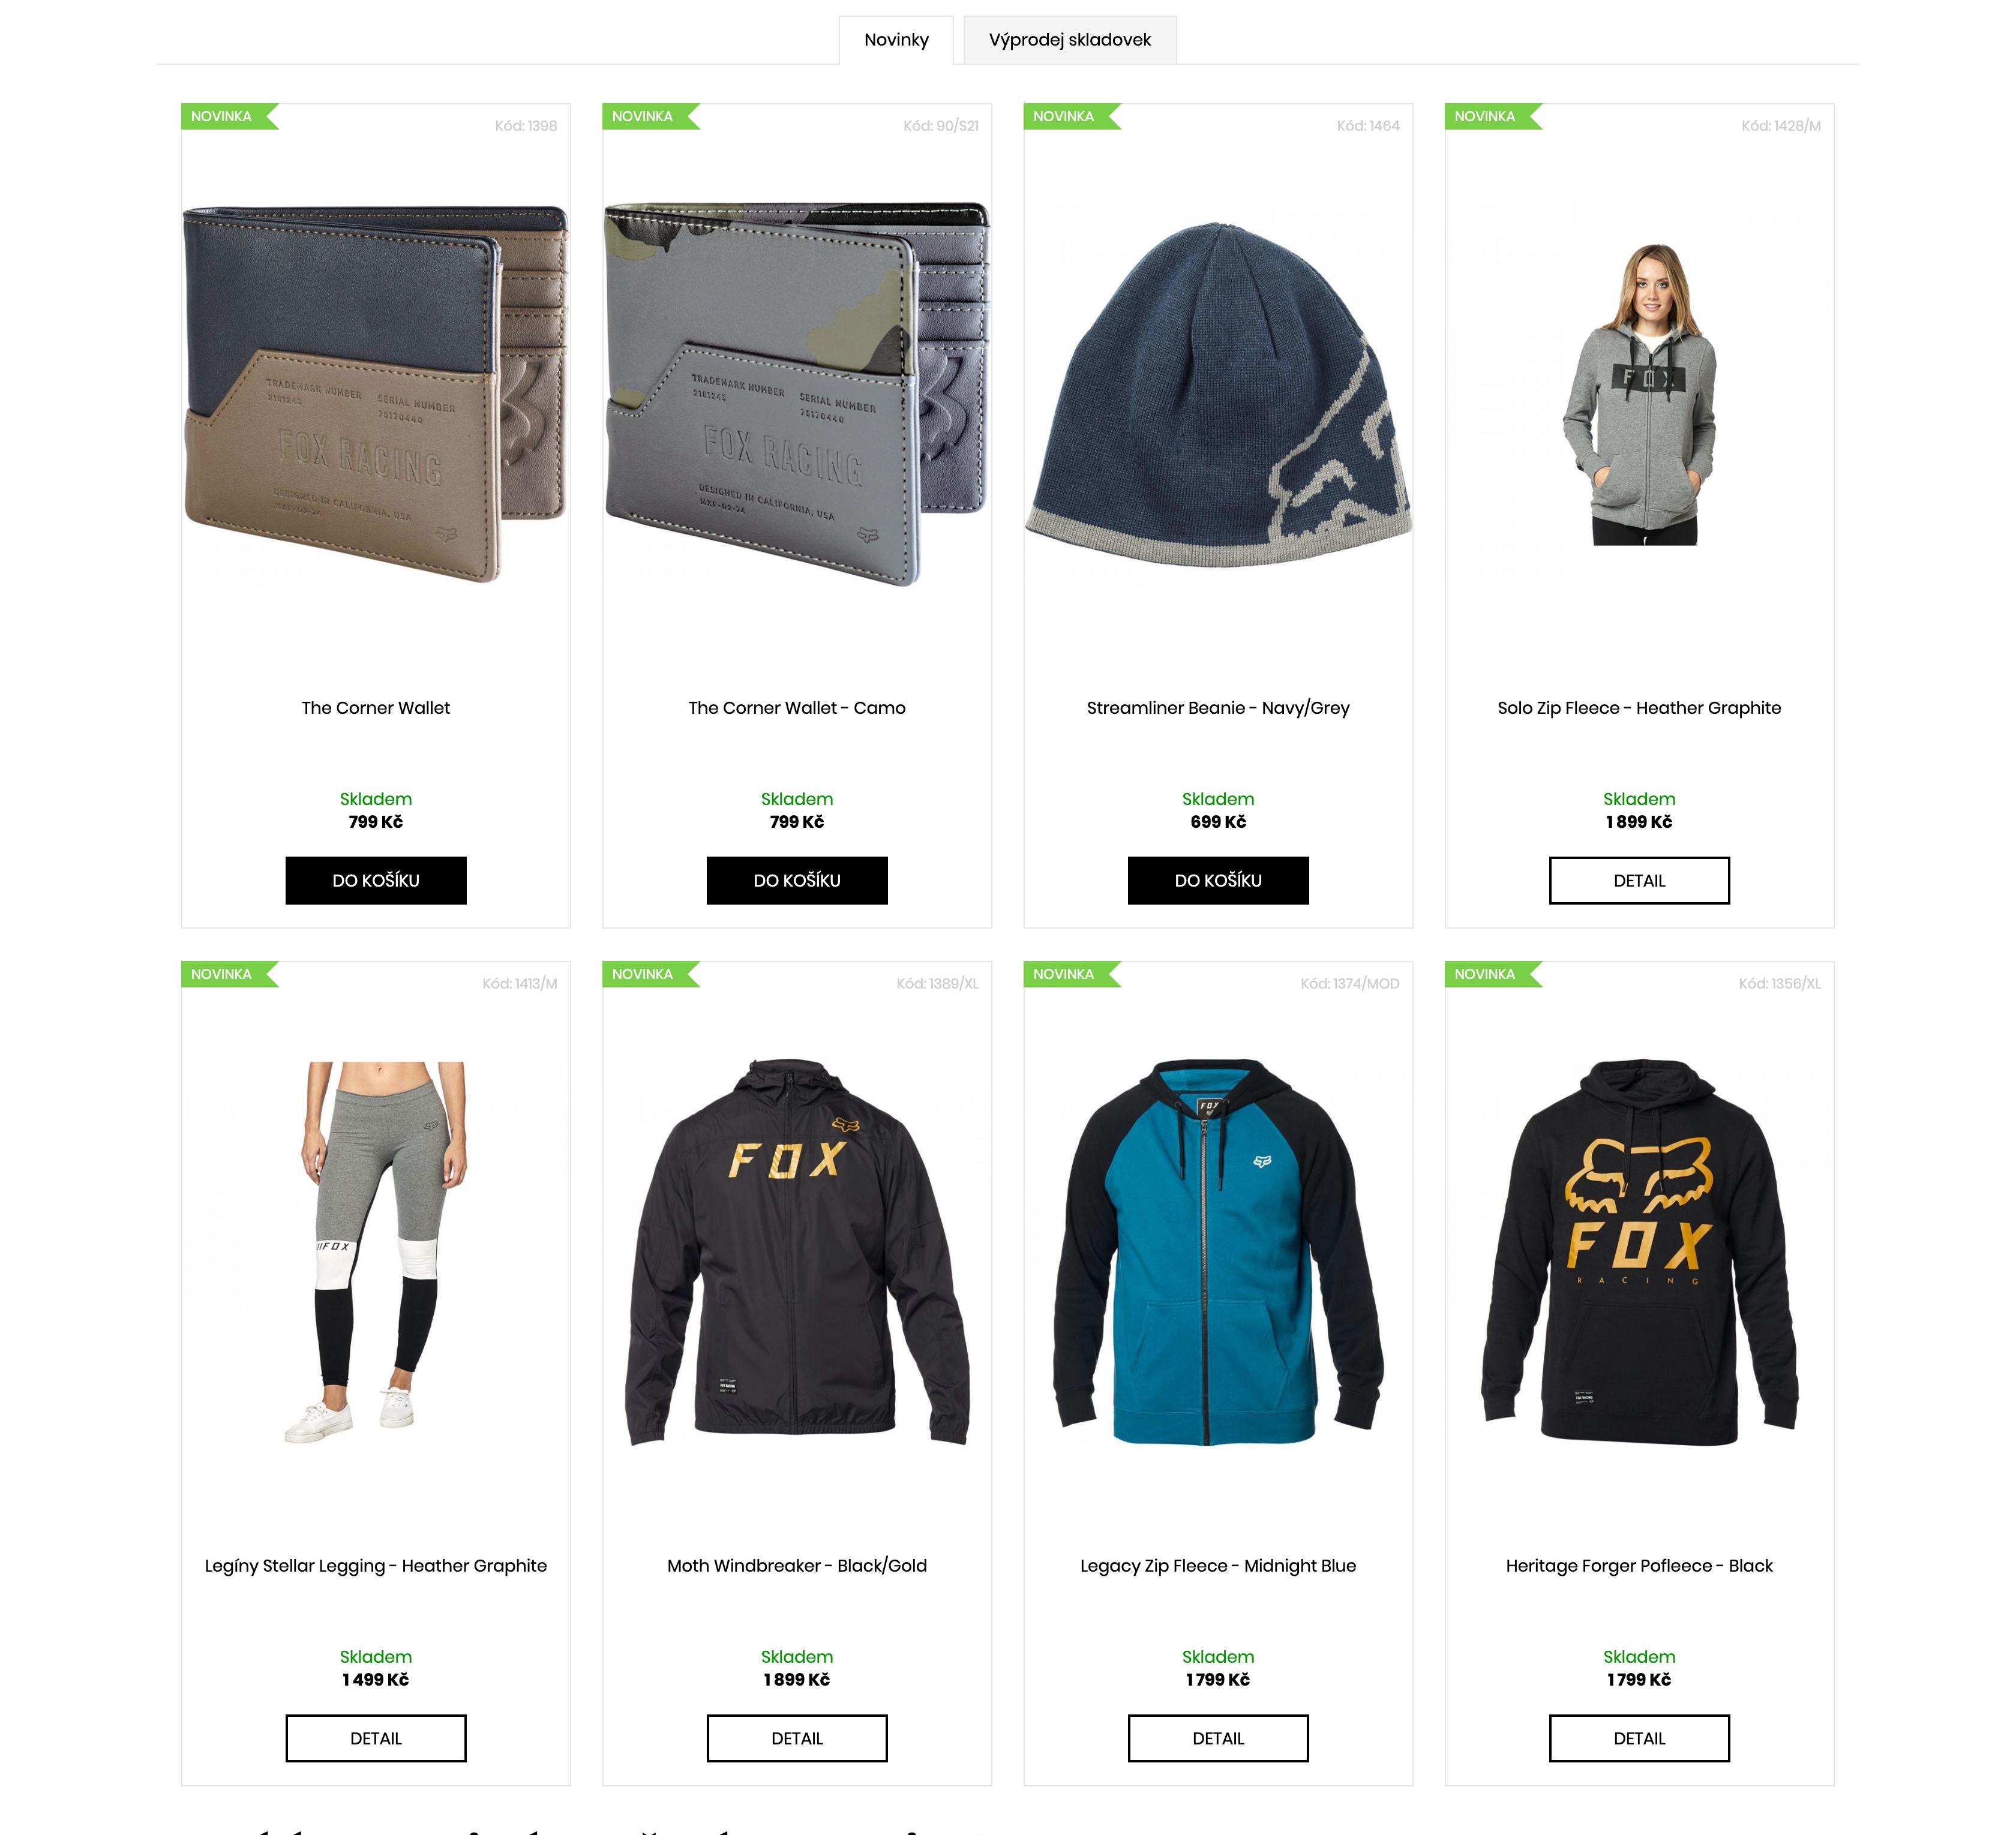 Kolekce oblečení FOX - podzim 2019 SKLADEM!